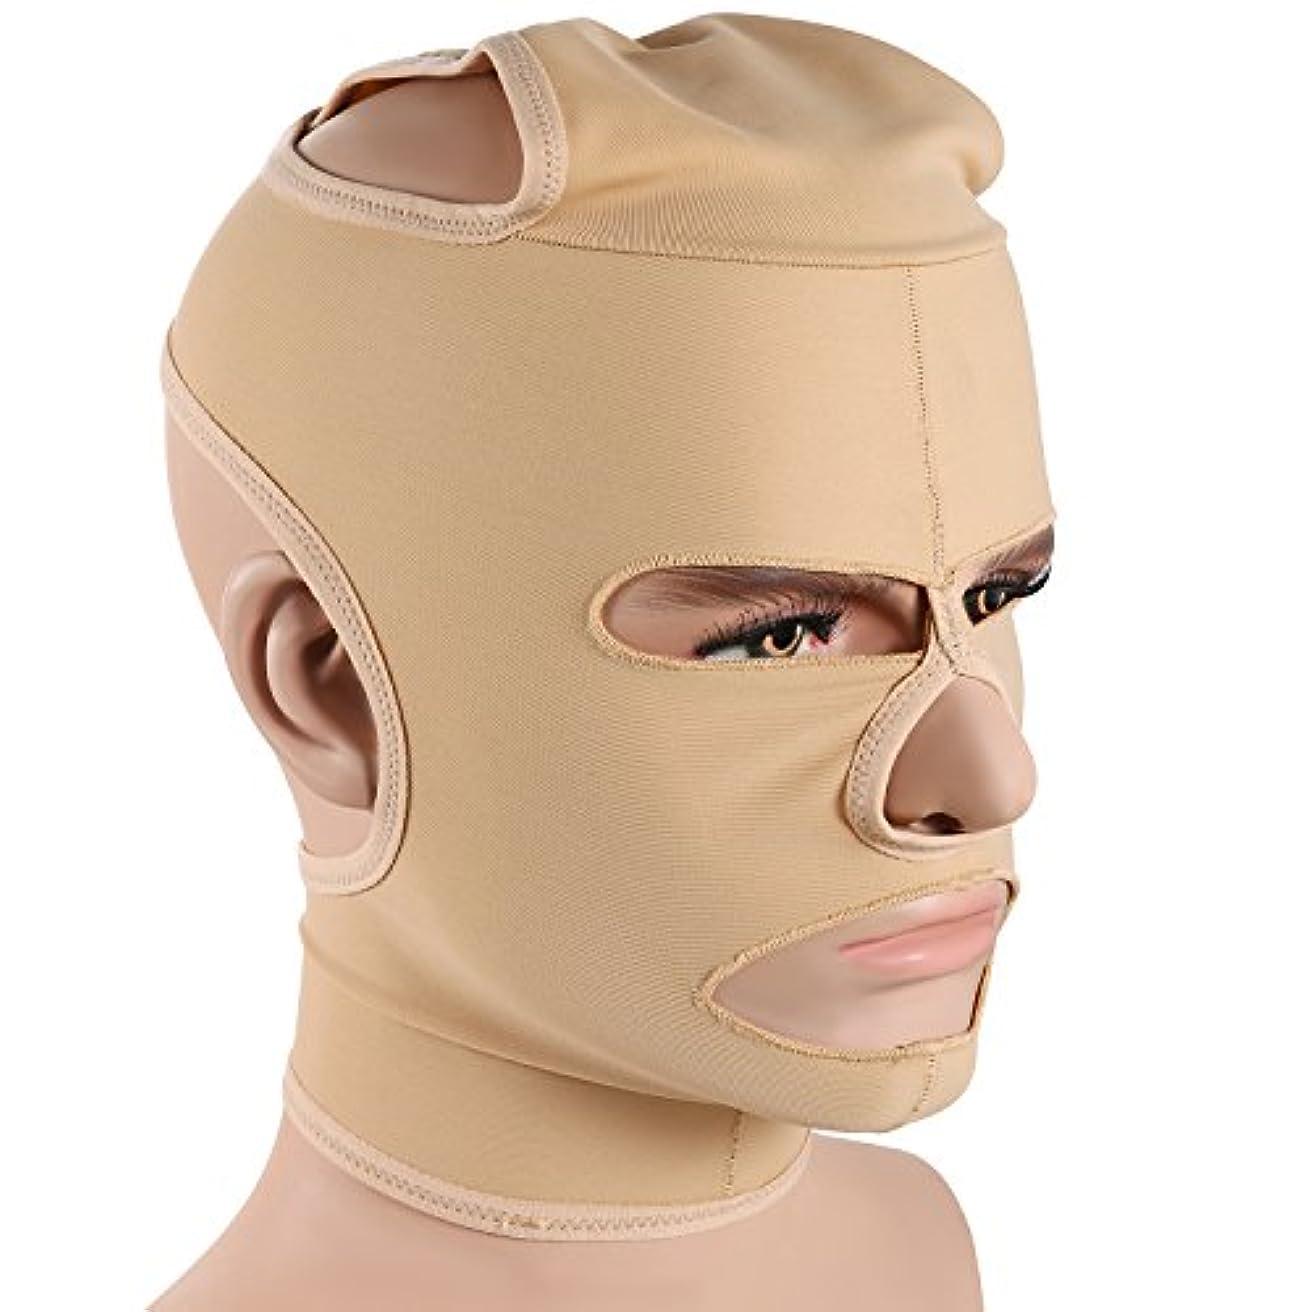 破裂無駄なバックグラウンドJewelryWe 小顔補正マスク 小顔ベルト 法令線予防 シワ防止 美顔 額、顎下、頬リフトアップ 男女兼用 Mサイズ